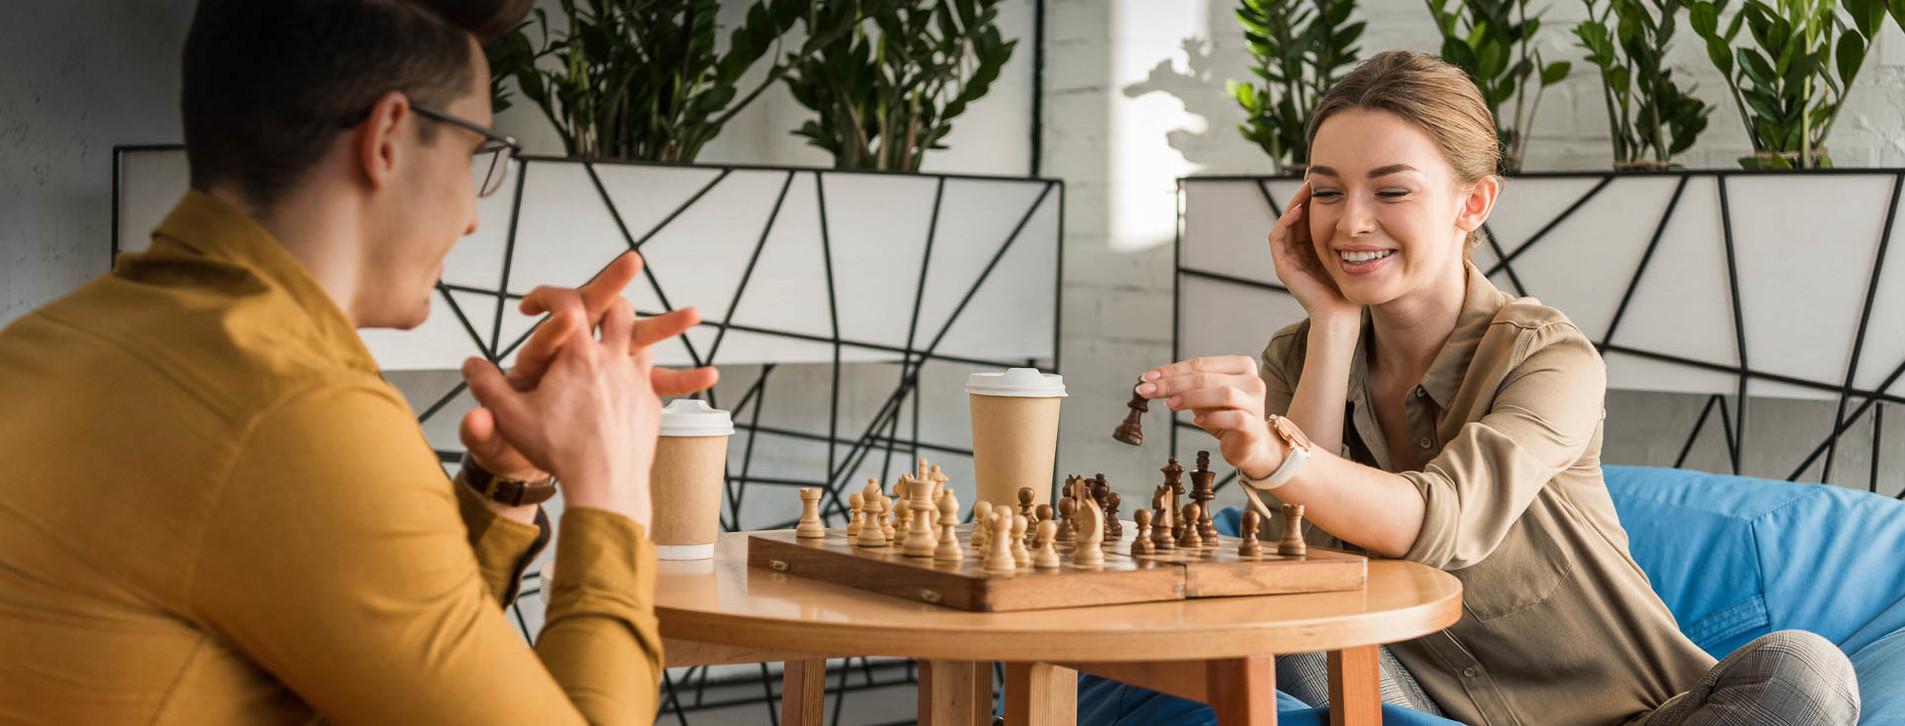 Фото - Мастер-класс игры в шахматы для двоих